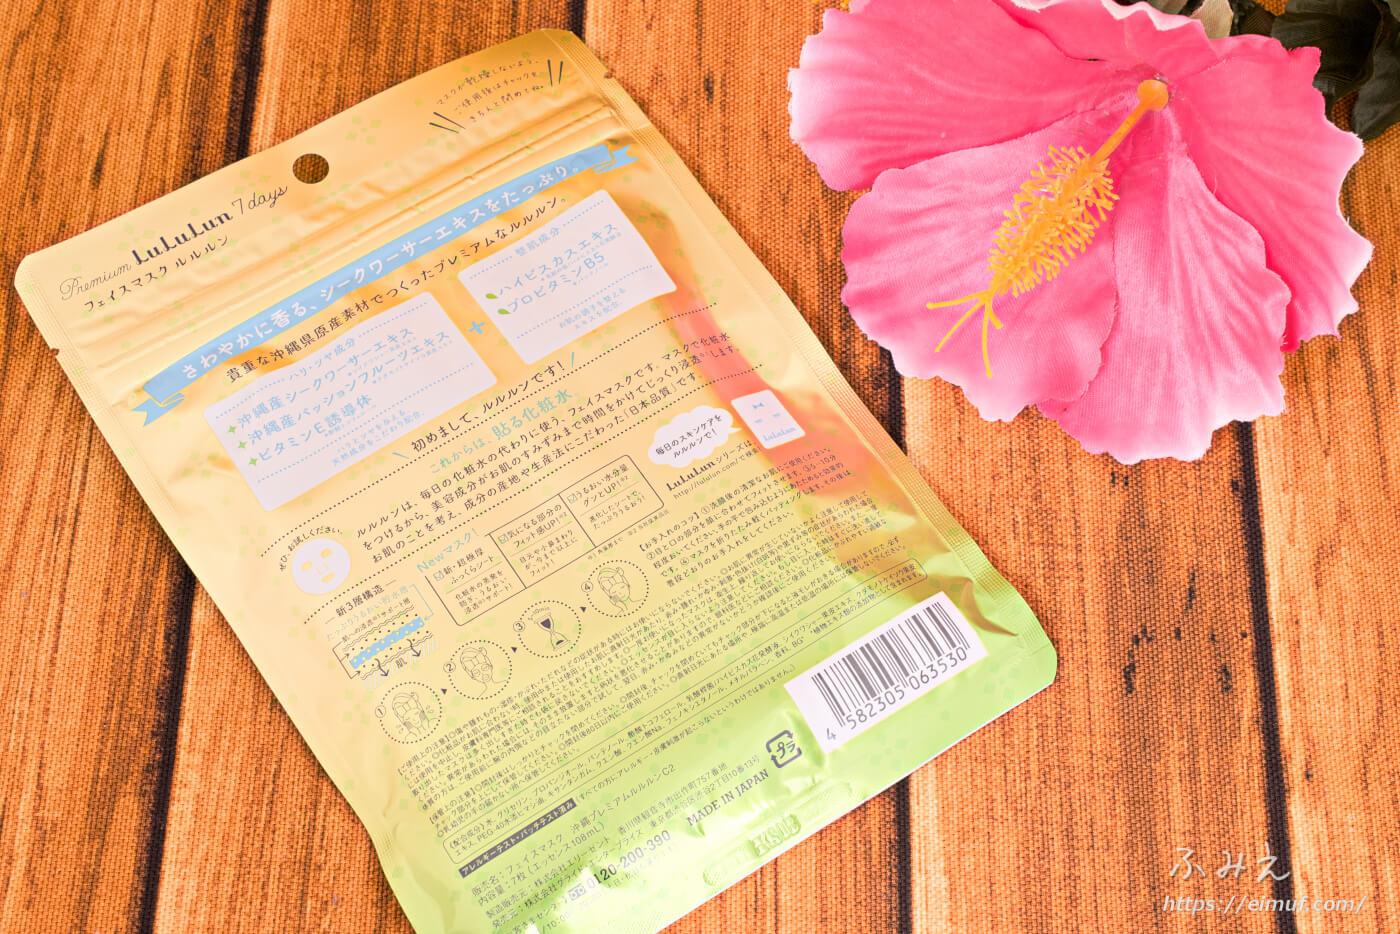 沖縄のプレミアムルルルン(シークワーサーの香り)7枚入りのパッケージ裏面